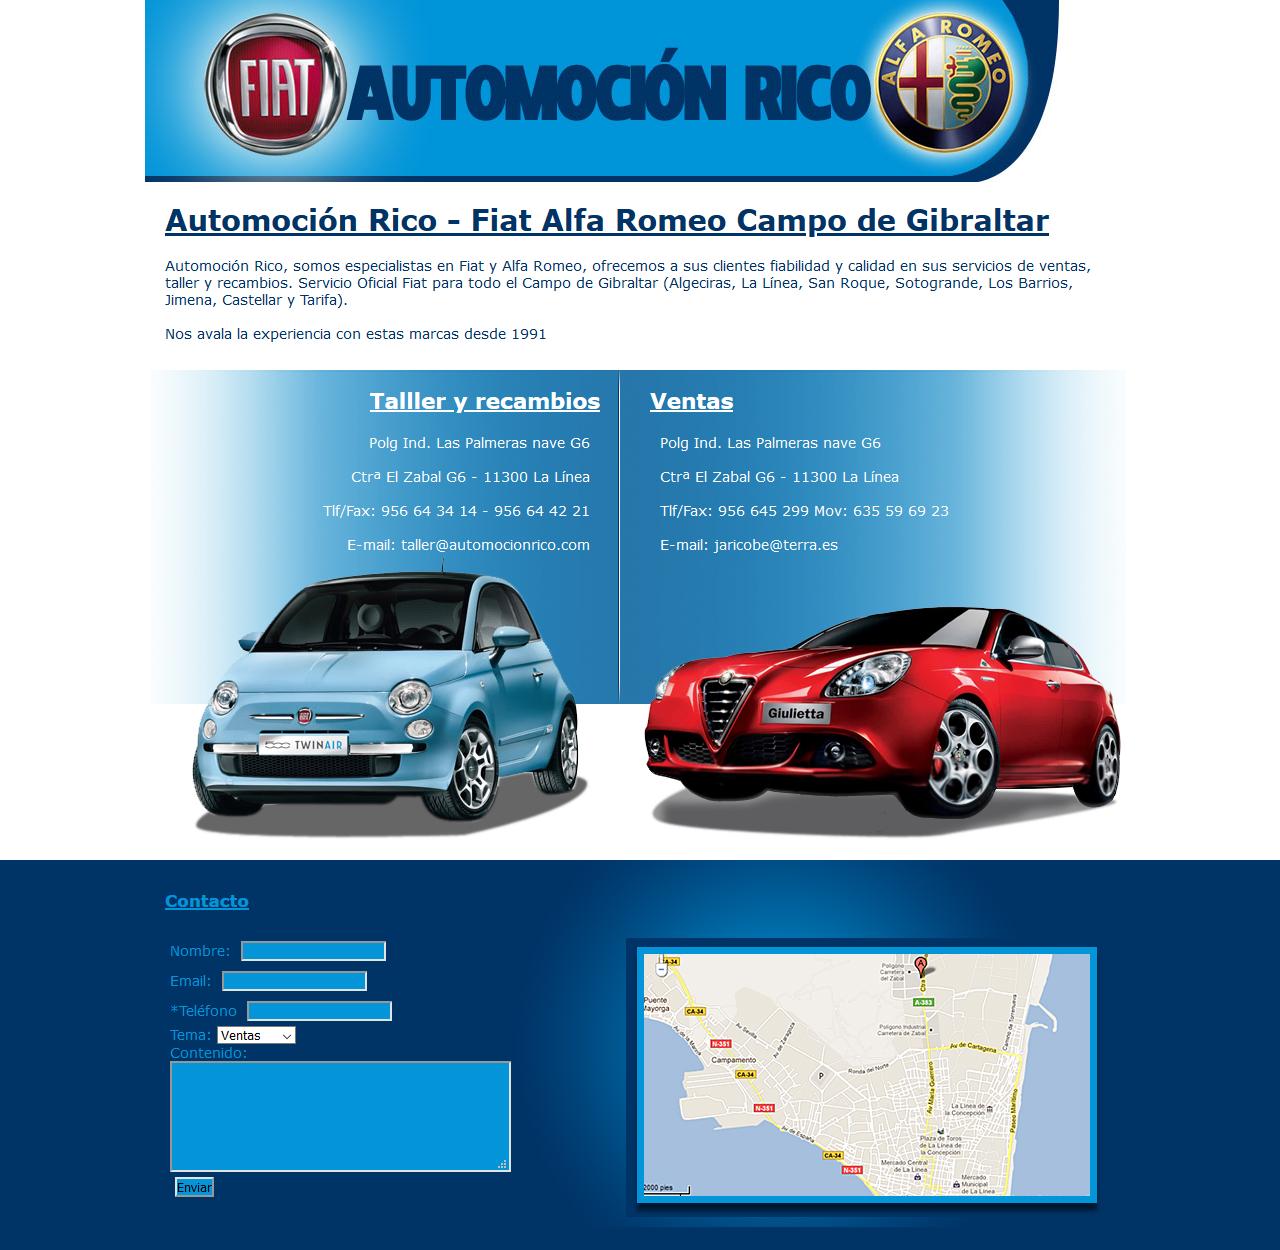 Automoción Rico - Fiat Alfa Romeo Campo de Gibraltar. Html, Css, Php, Photoshop. Año 2011